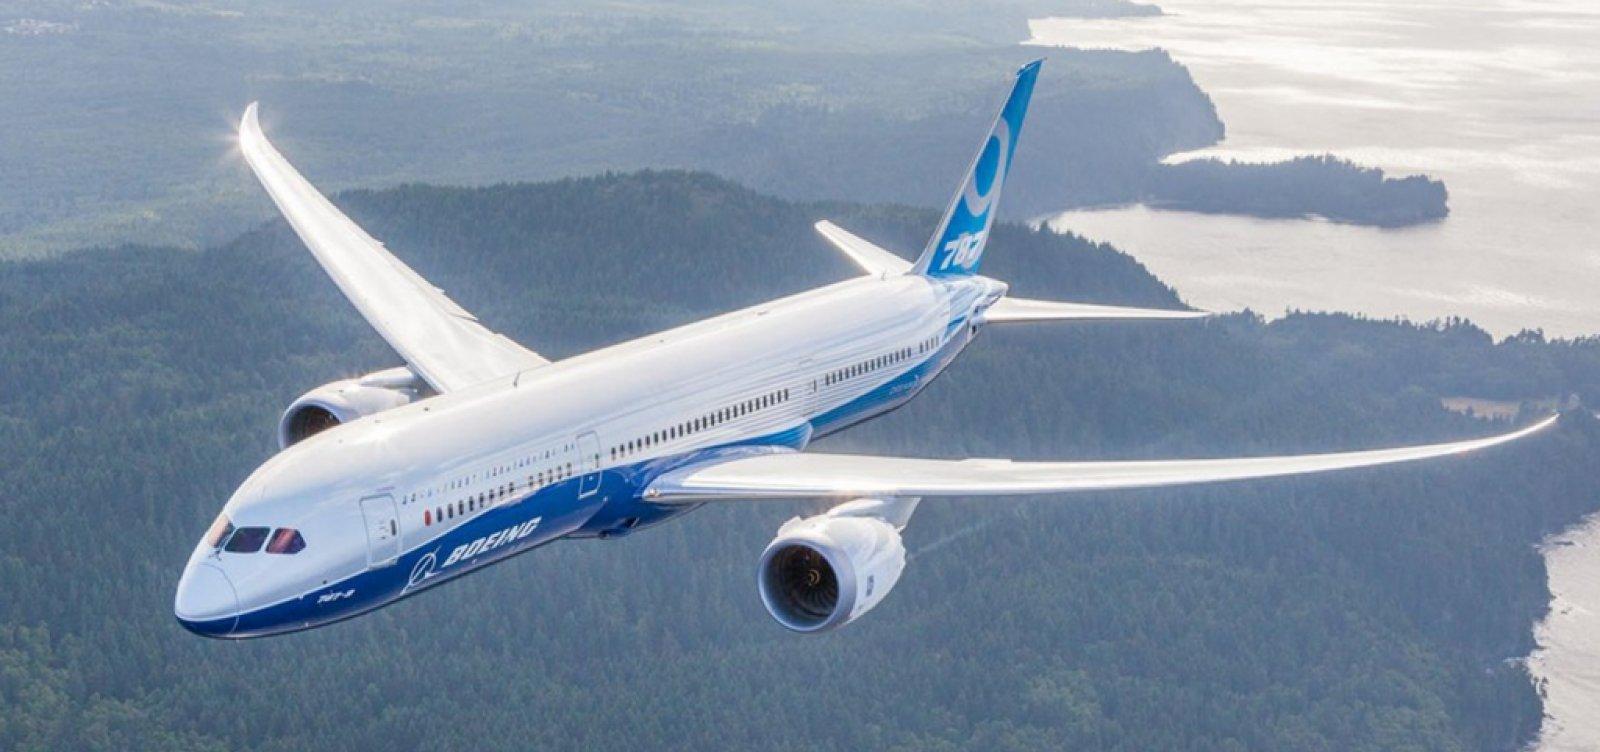 [Salvador contará com nova aeronave da Dreamliner a partir de 2020]